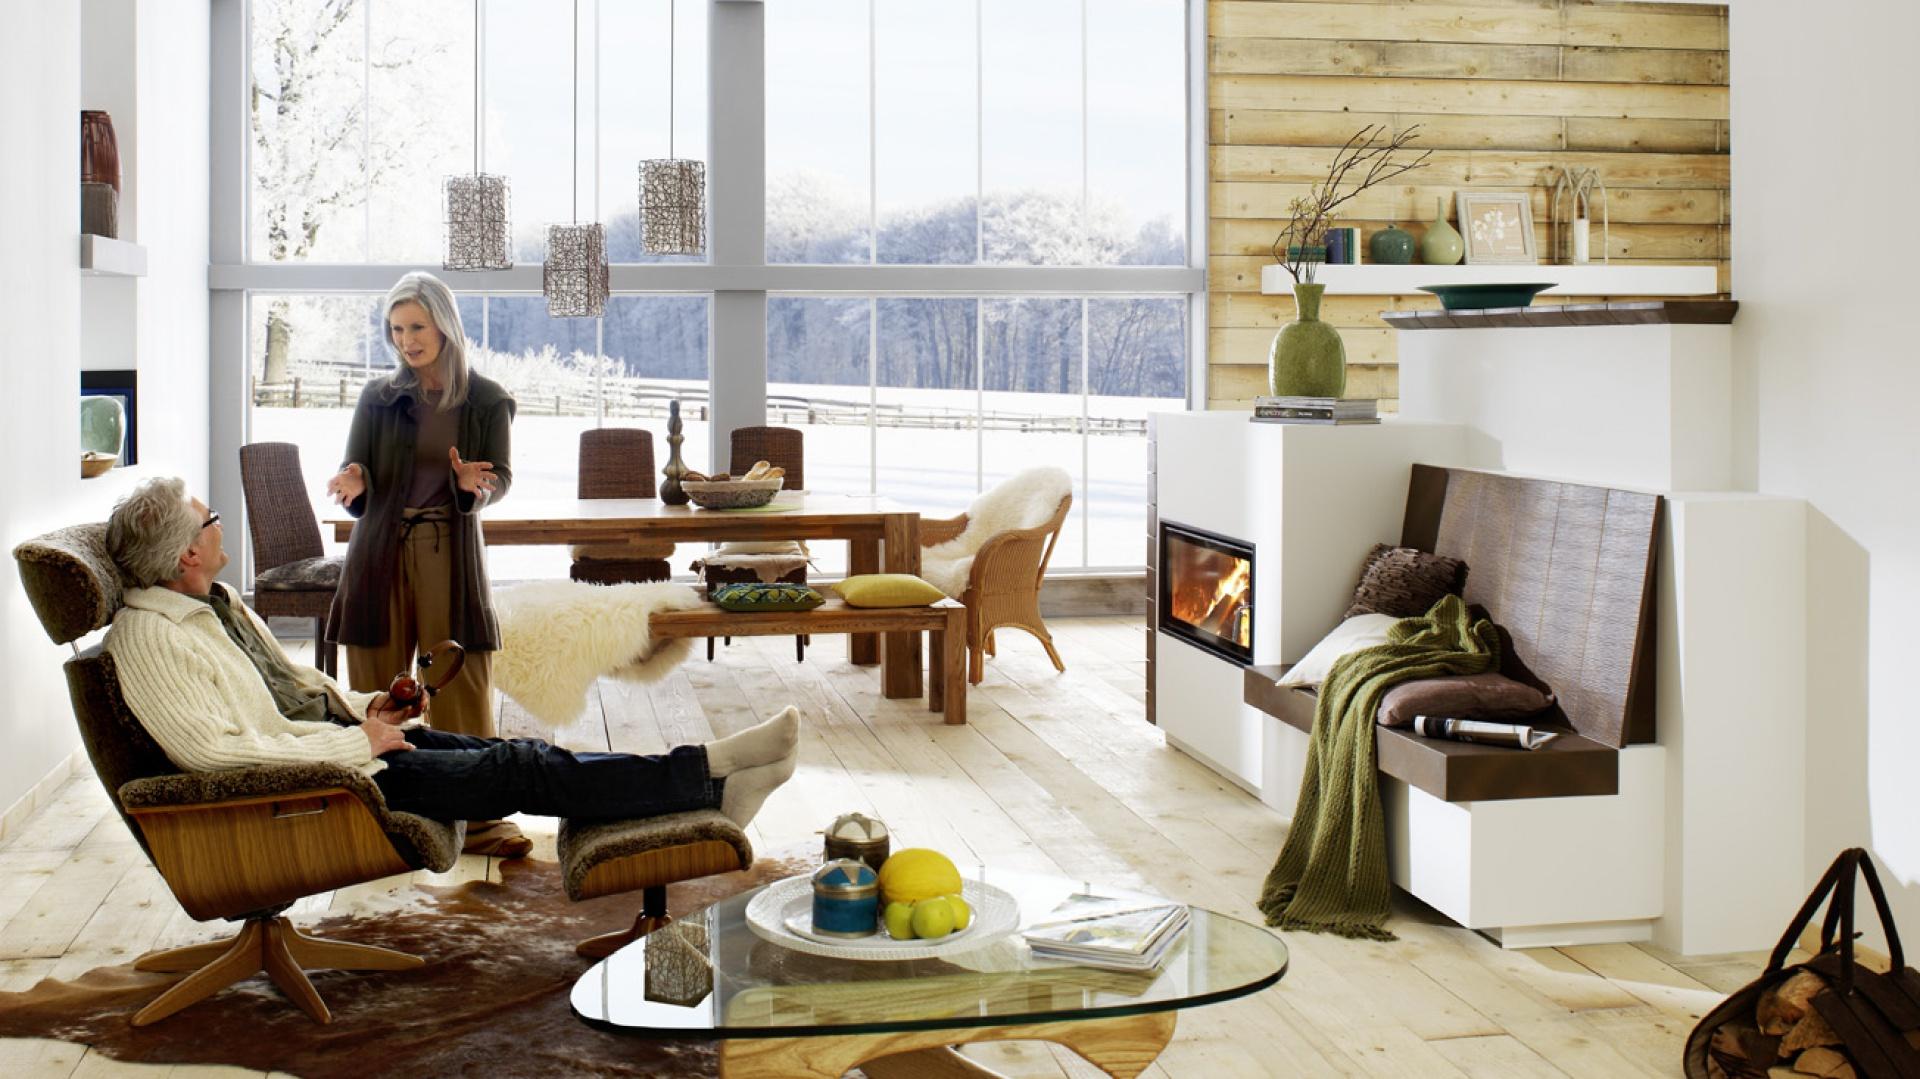 319616a1 Podłoga i ściana wykończona drewnem, w połączeniu z ciepłem kominka  sprawiają, że nowoczesne wnętrze